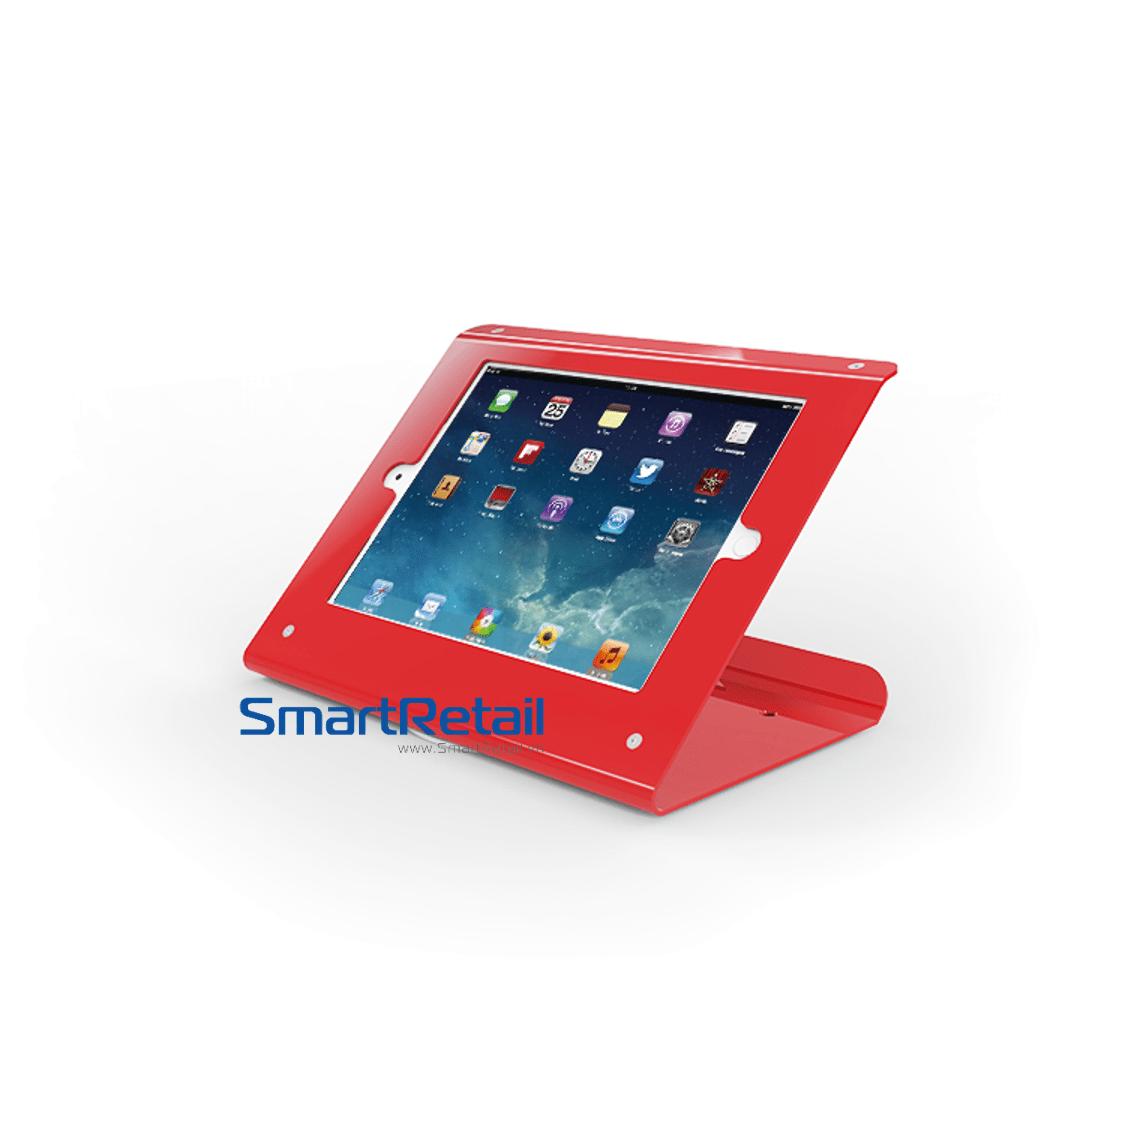 SmartRetail Thiet bi bao ve Tablet SC102 1